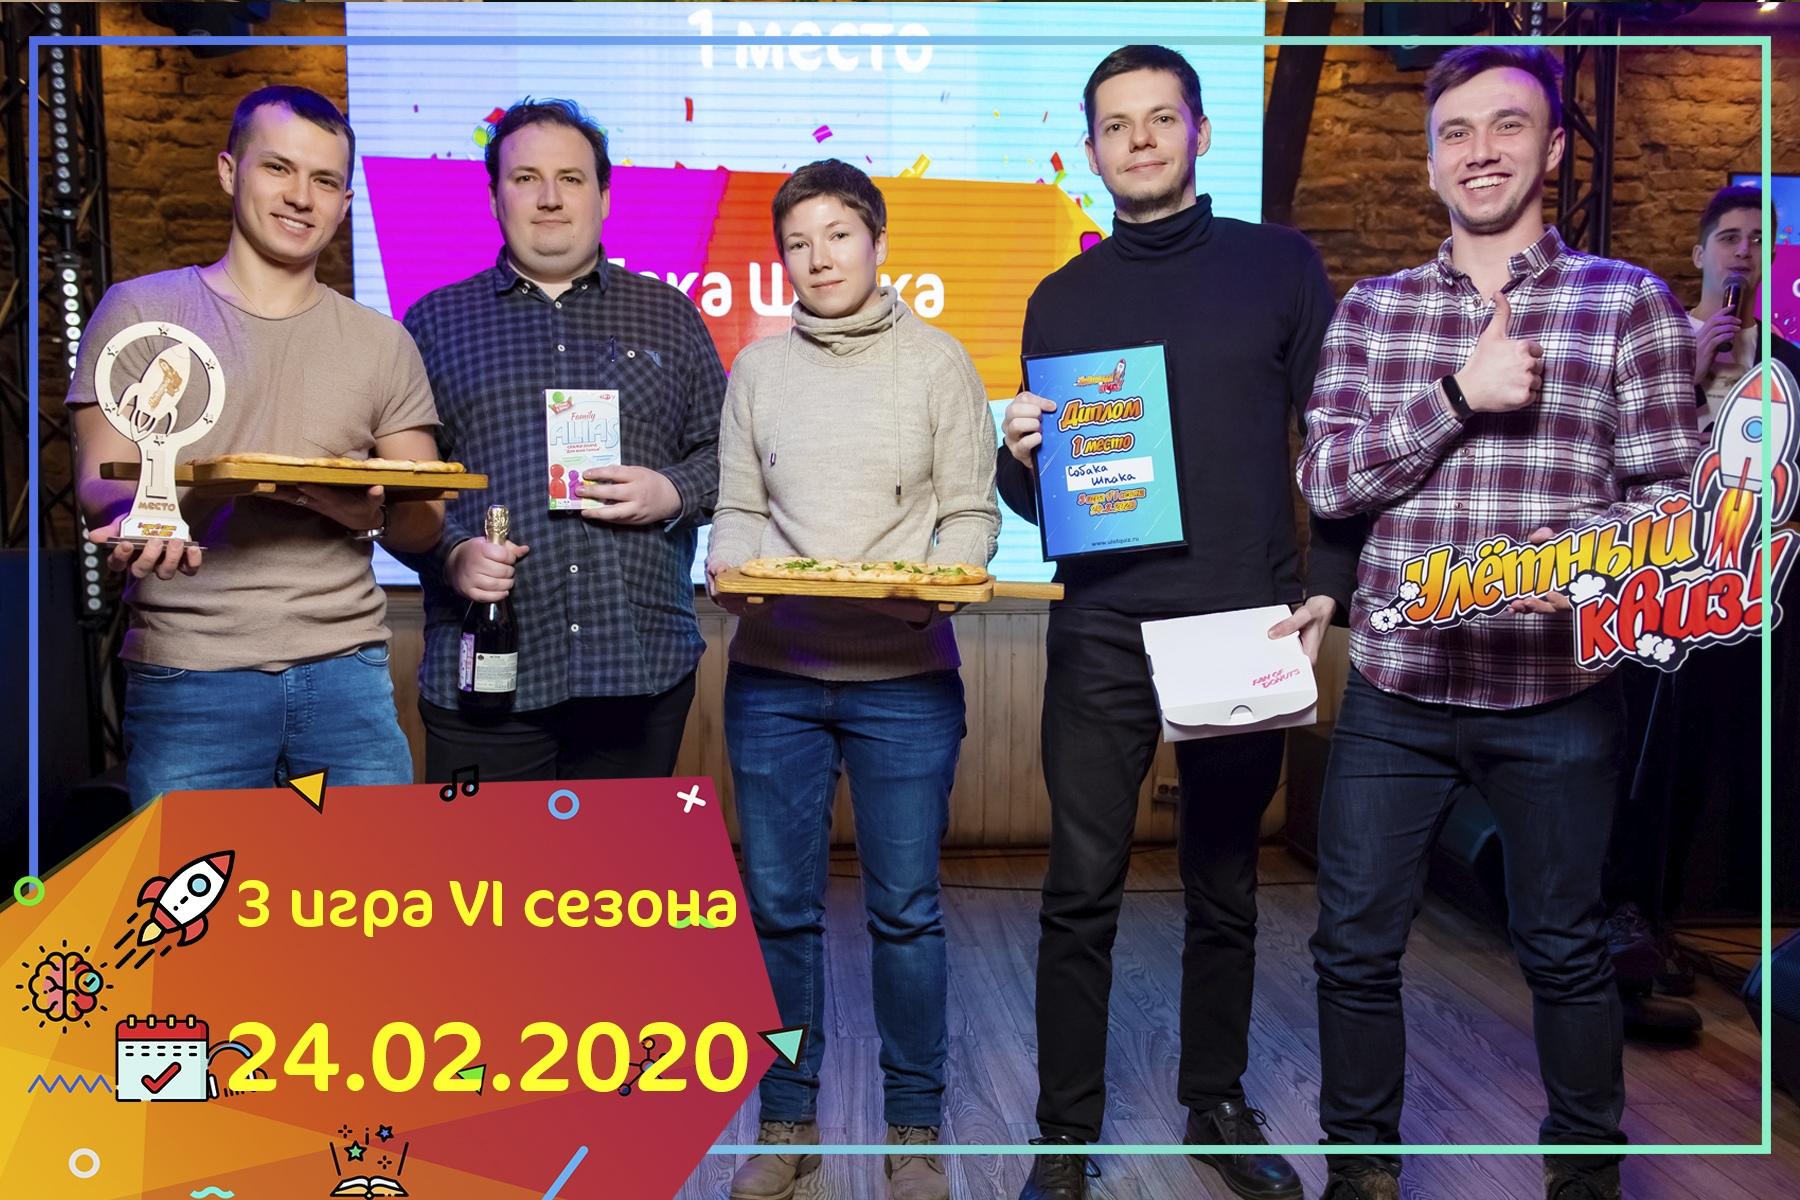 Игра №3 VI сезона Улётный Квиз 24.02.2020 (200 фото)